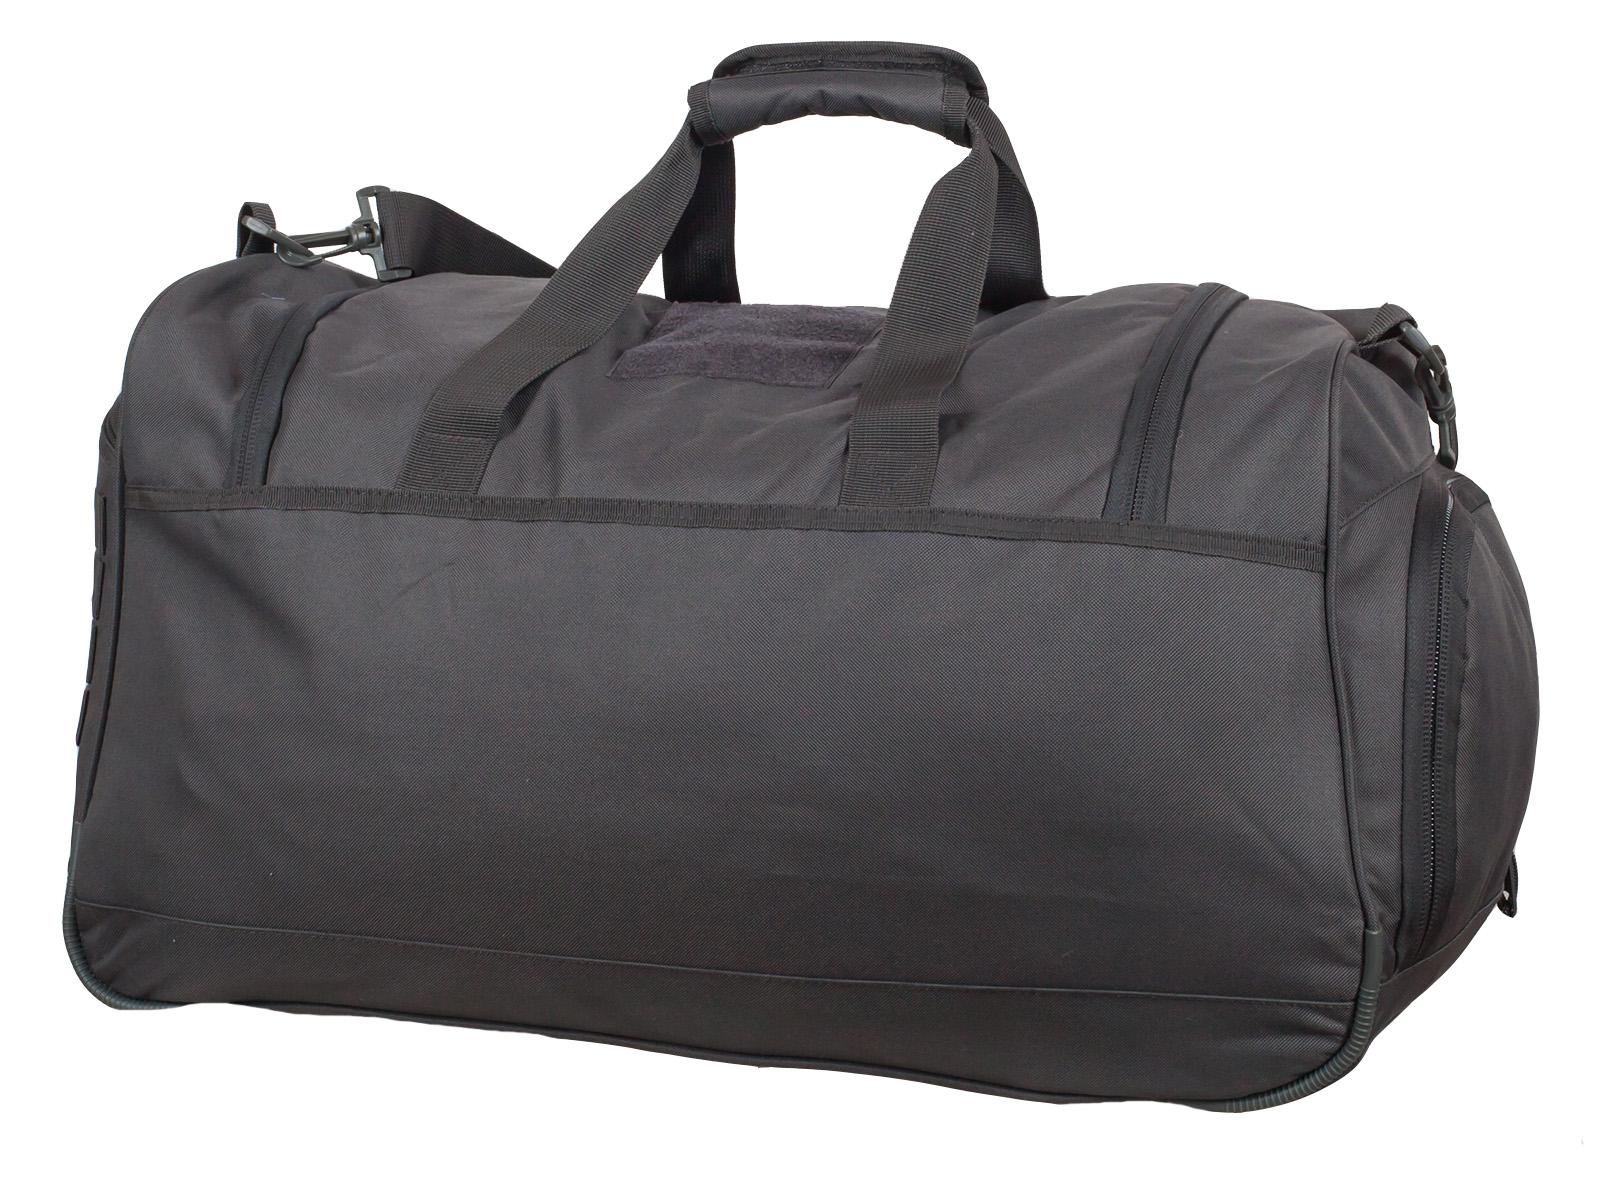 Черная дорожная сумка с тематической нашивкой для рыбаков заказать по выгодной цене